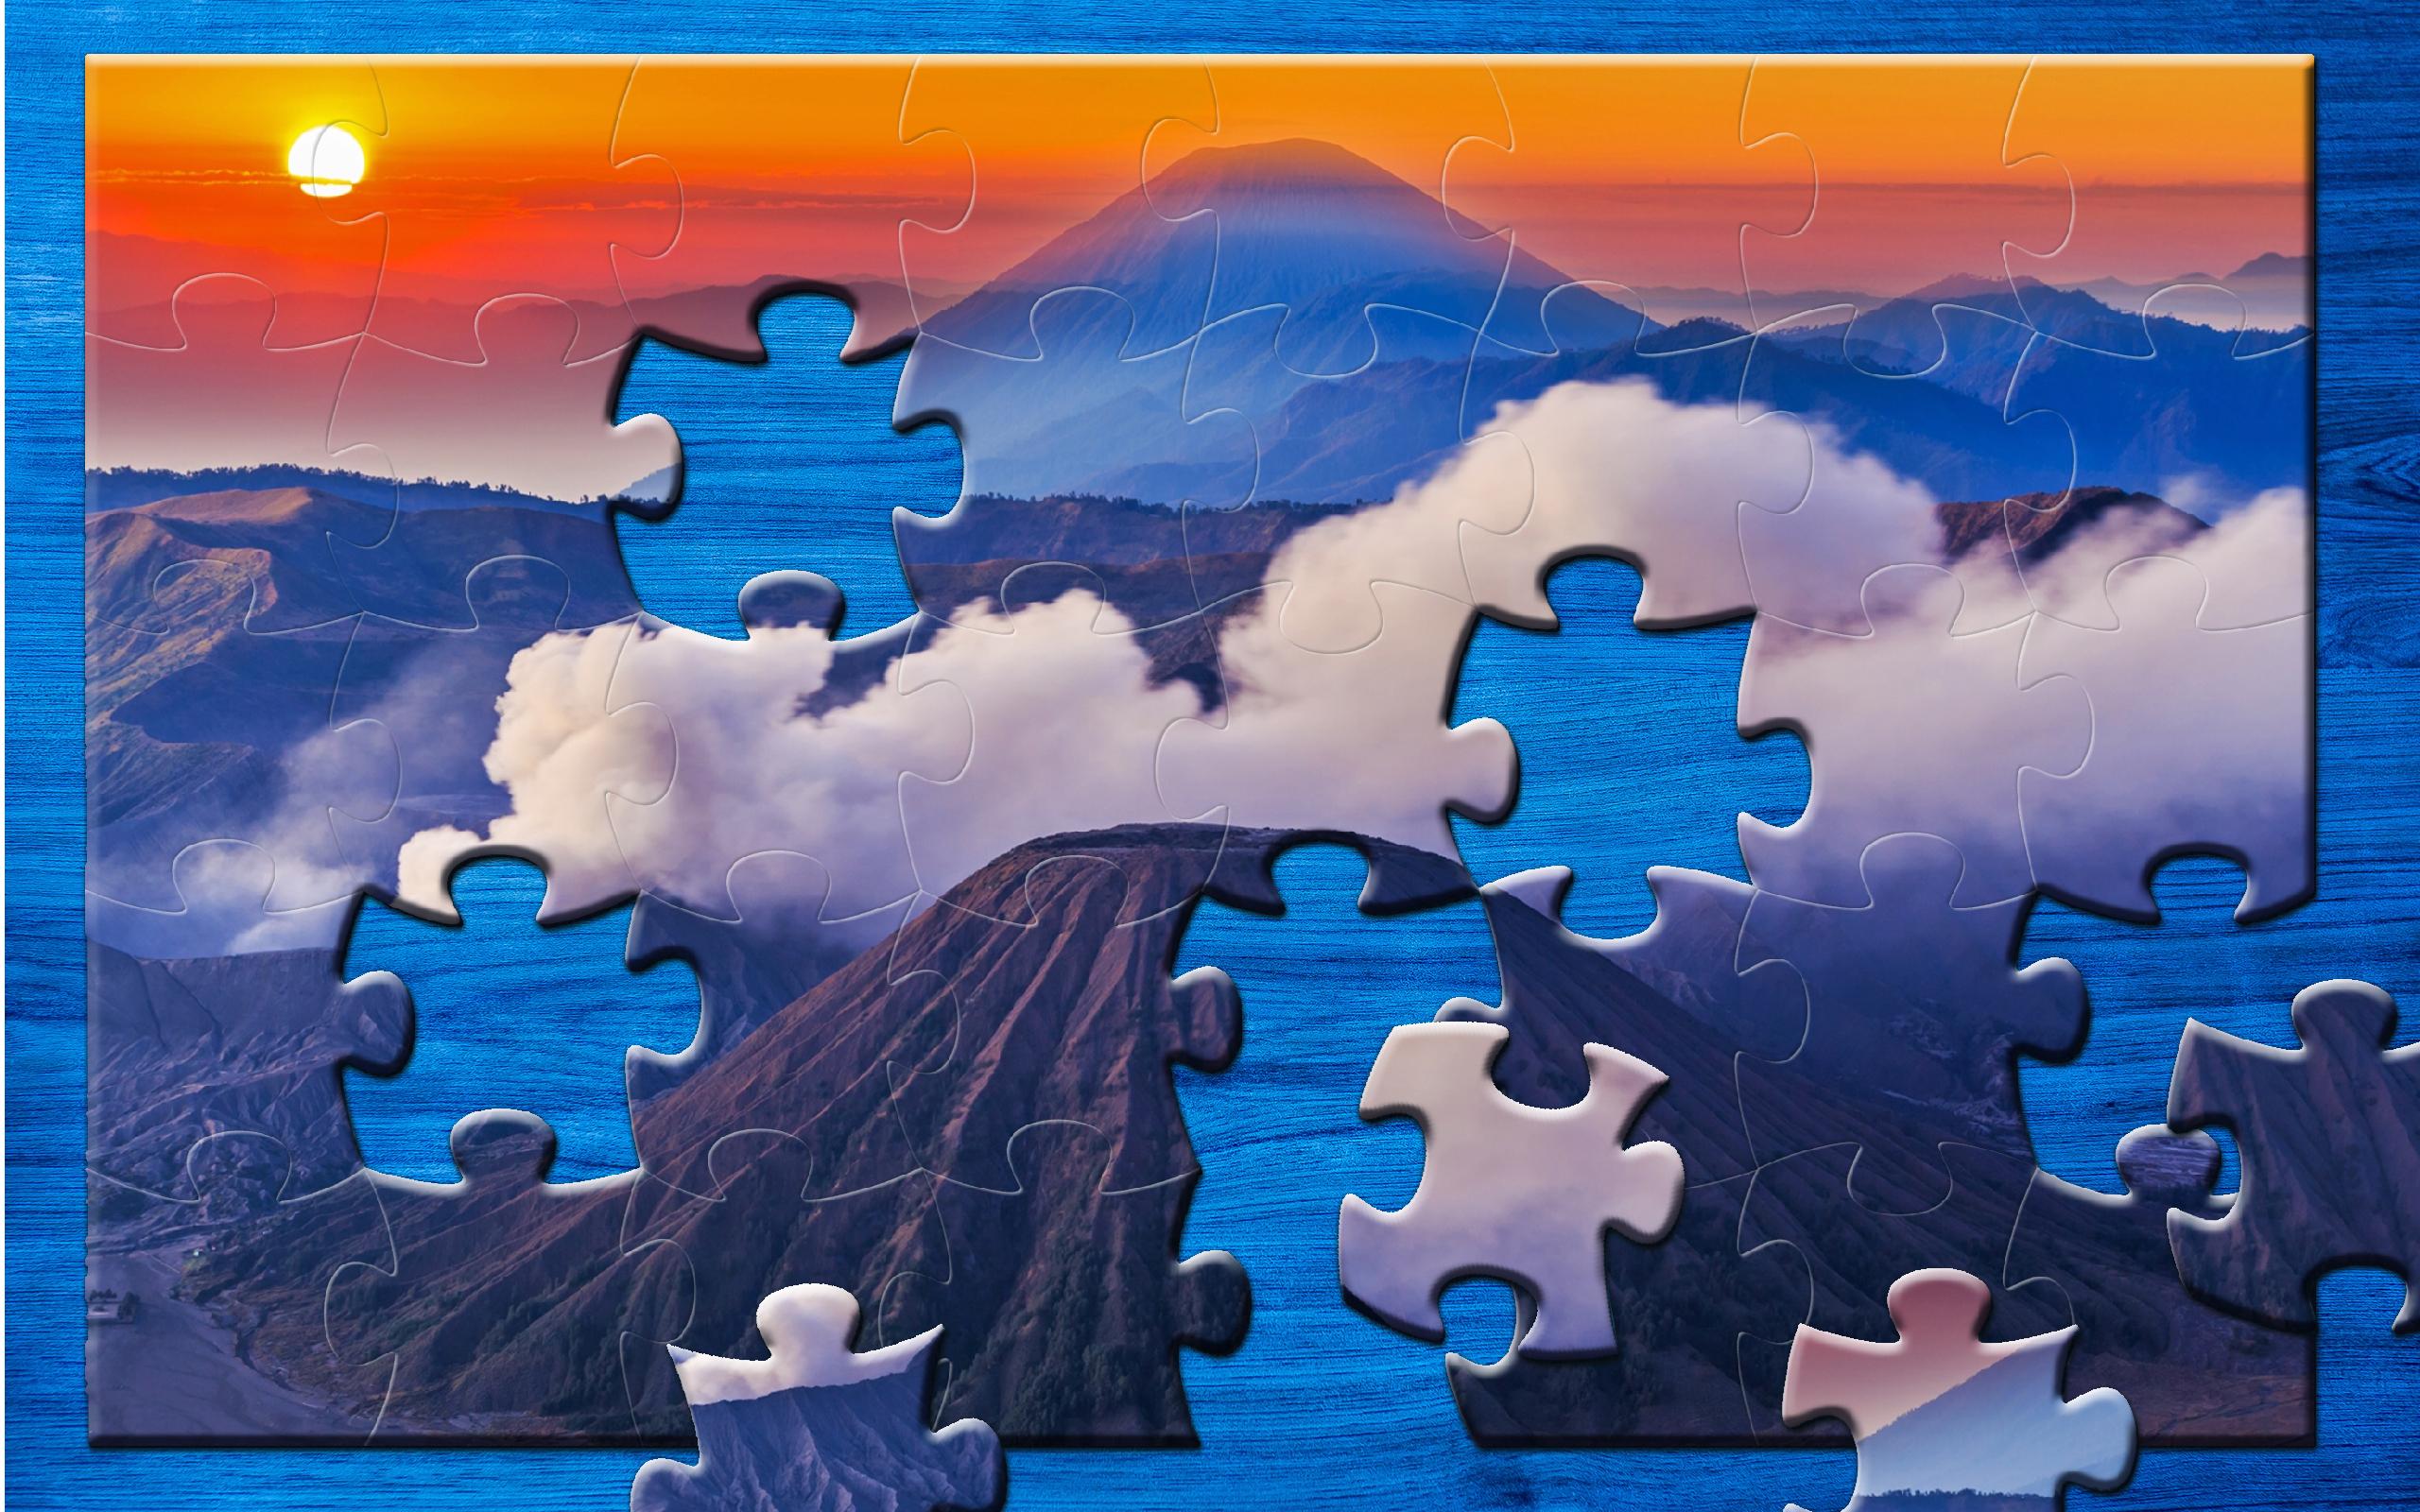 Cool Jigsaw Puzzle - Rompecabezas Mejor juegos de